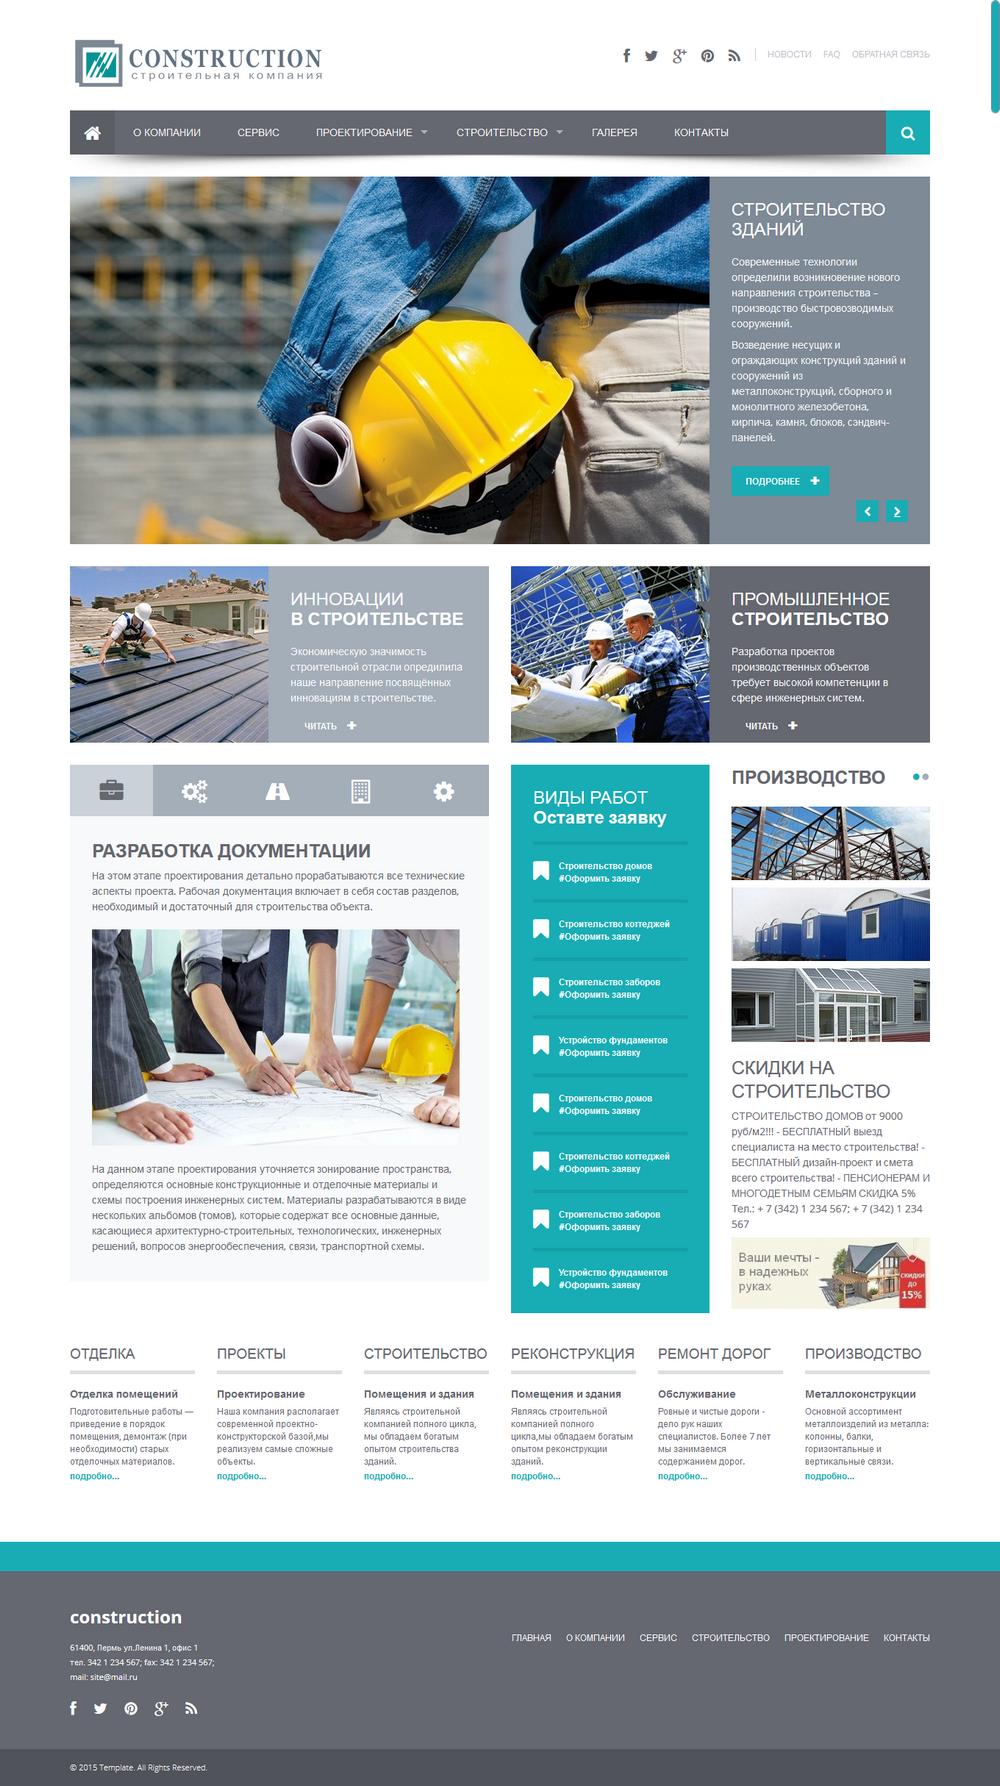 Бесплатный шаблон для сайта строительной компании альянс жизнь страховая компания официальный сайт личный